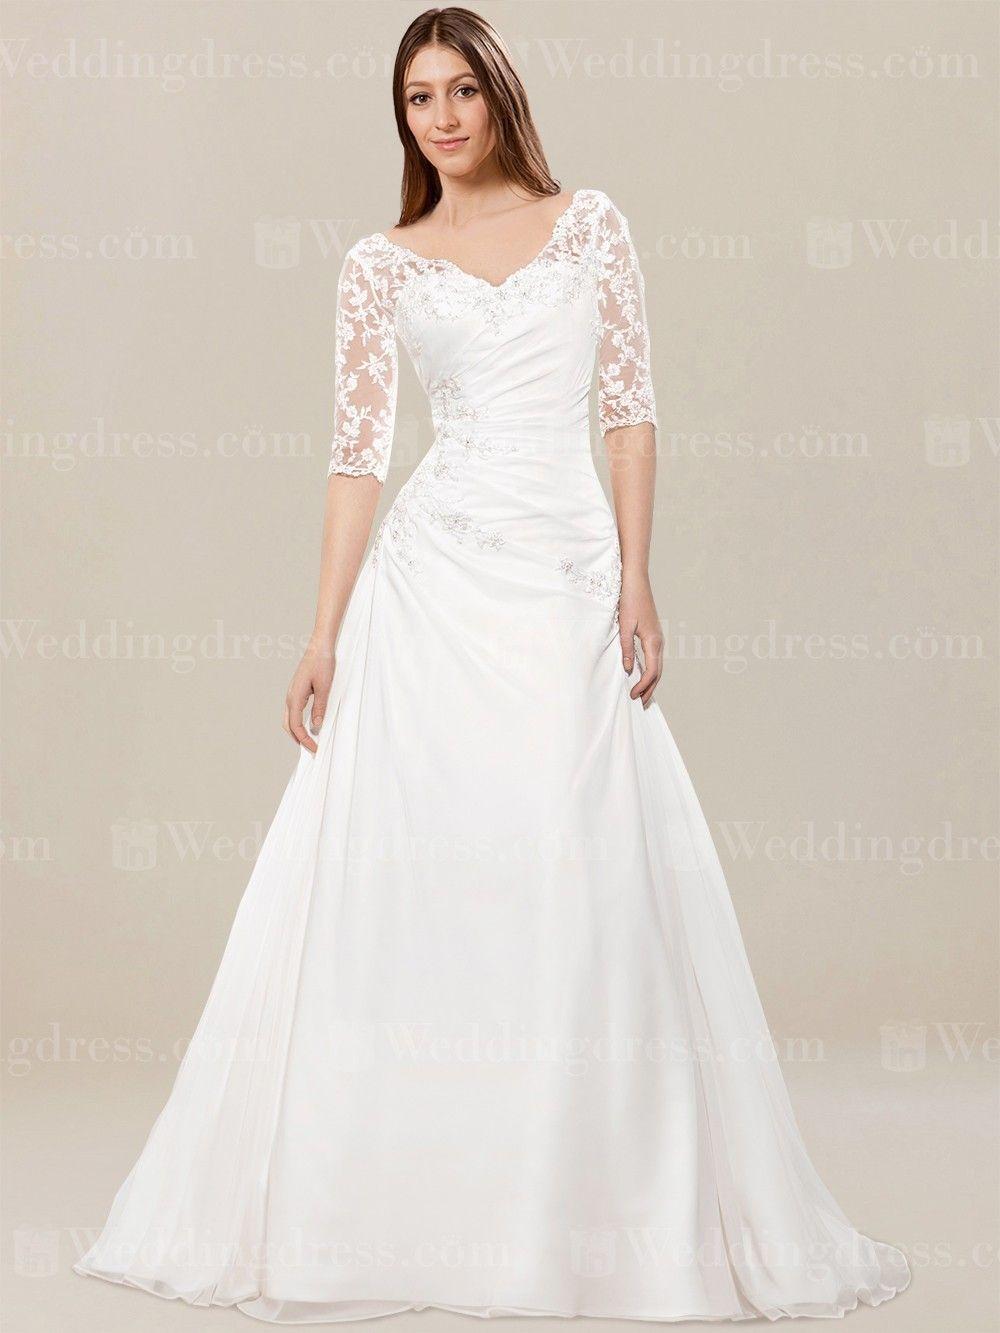 Brautkleid mit Ärmeln SV54 | Halblange Ärmel, Plissierter rock und ...